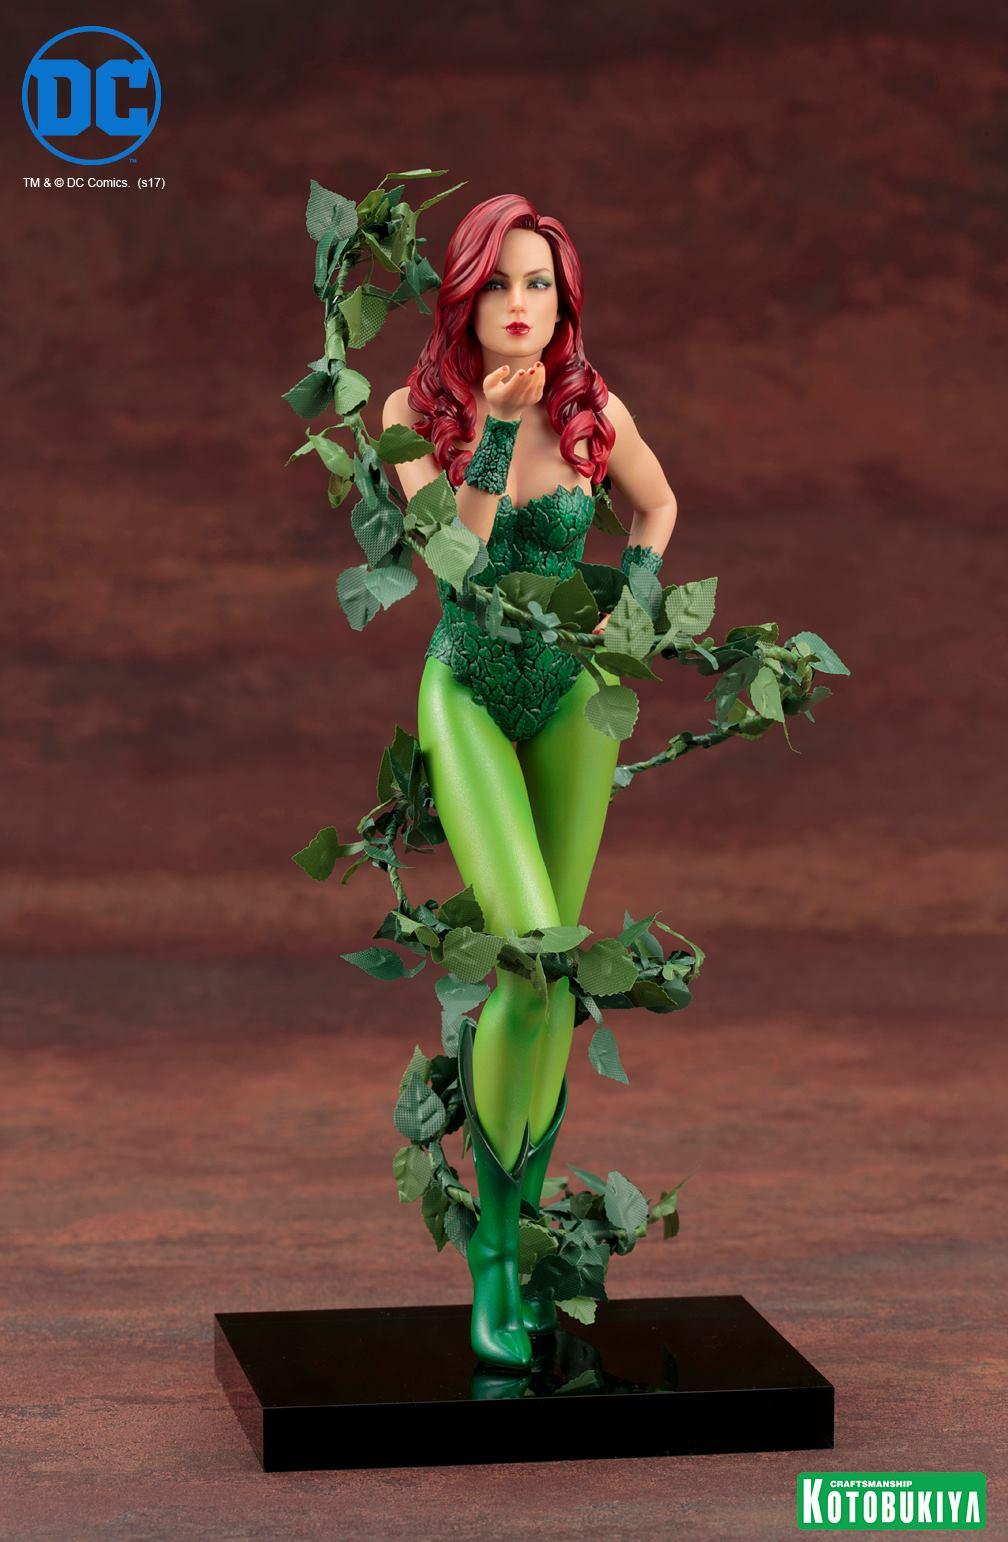 Kotobukiya-Artfx-Poison-Ivy-1 Figurine -  Poison Ivy par Kotobukiya (ArtFX)